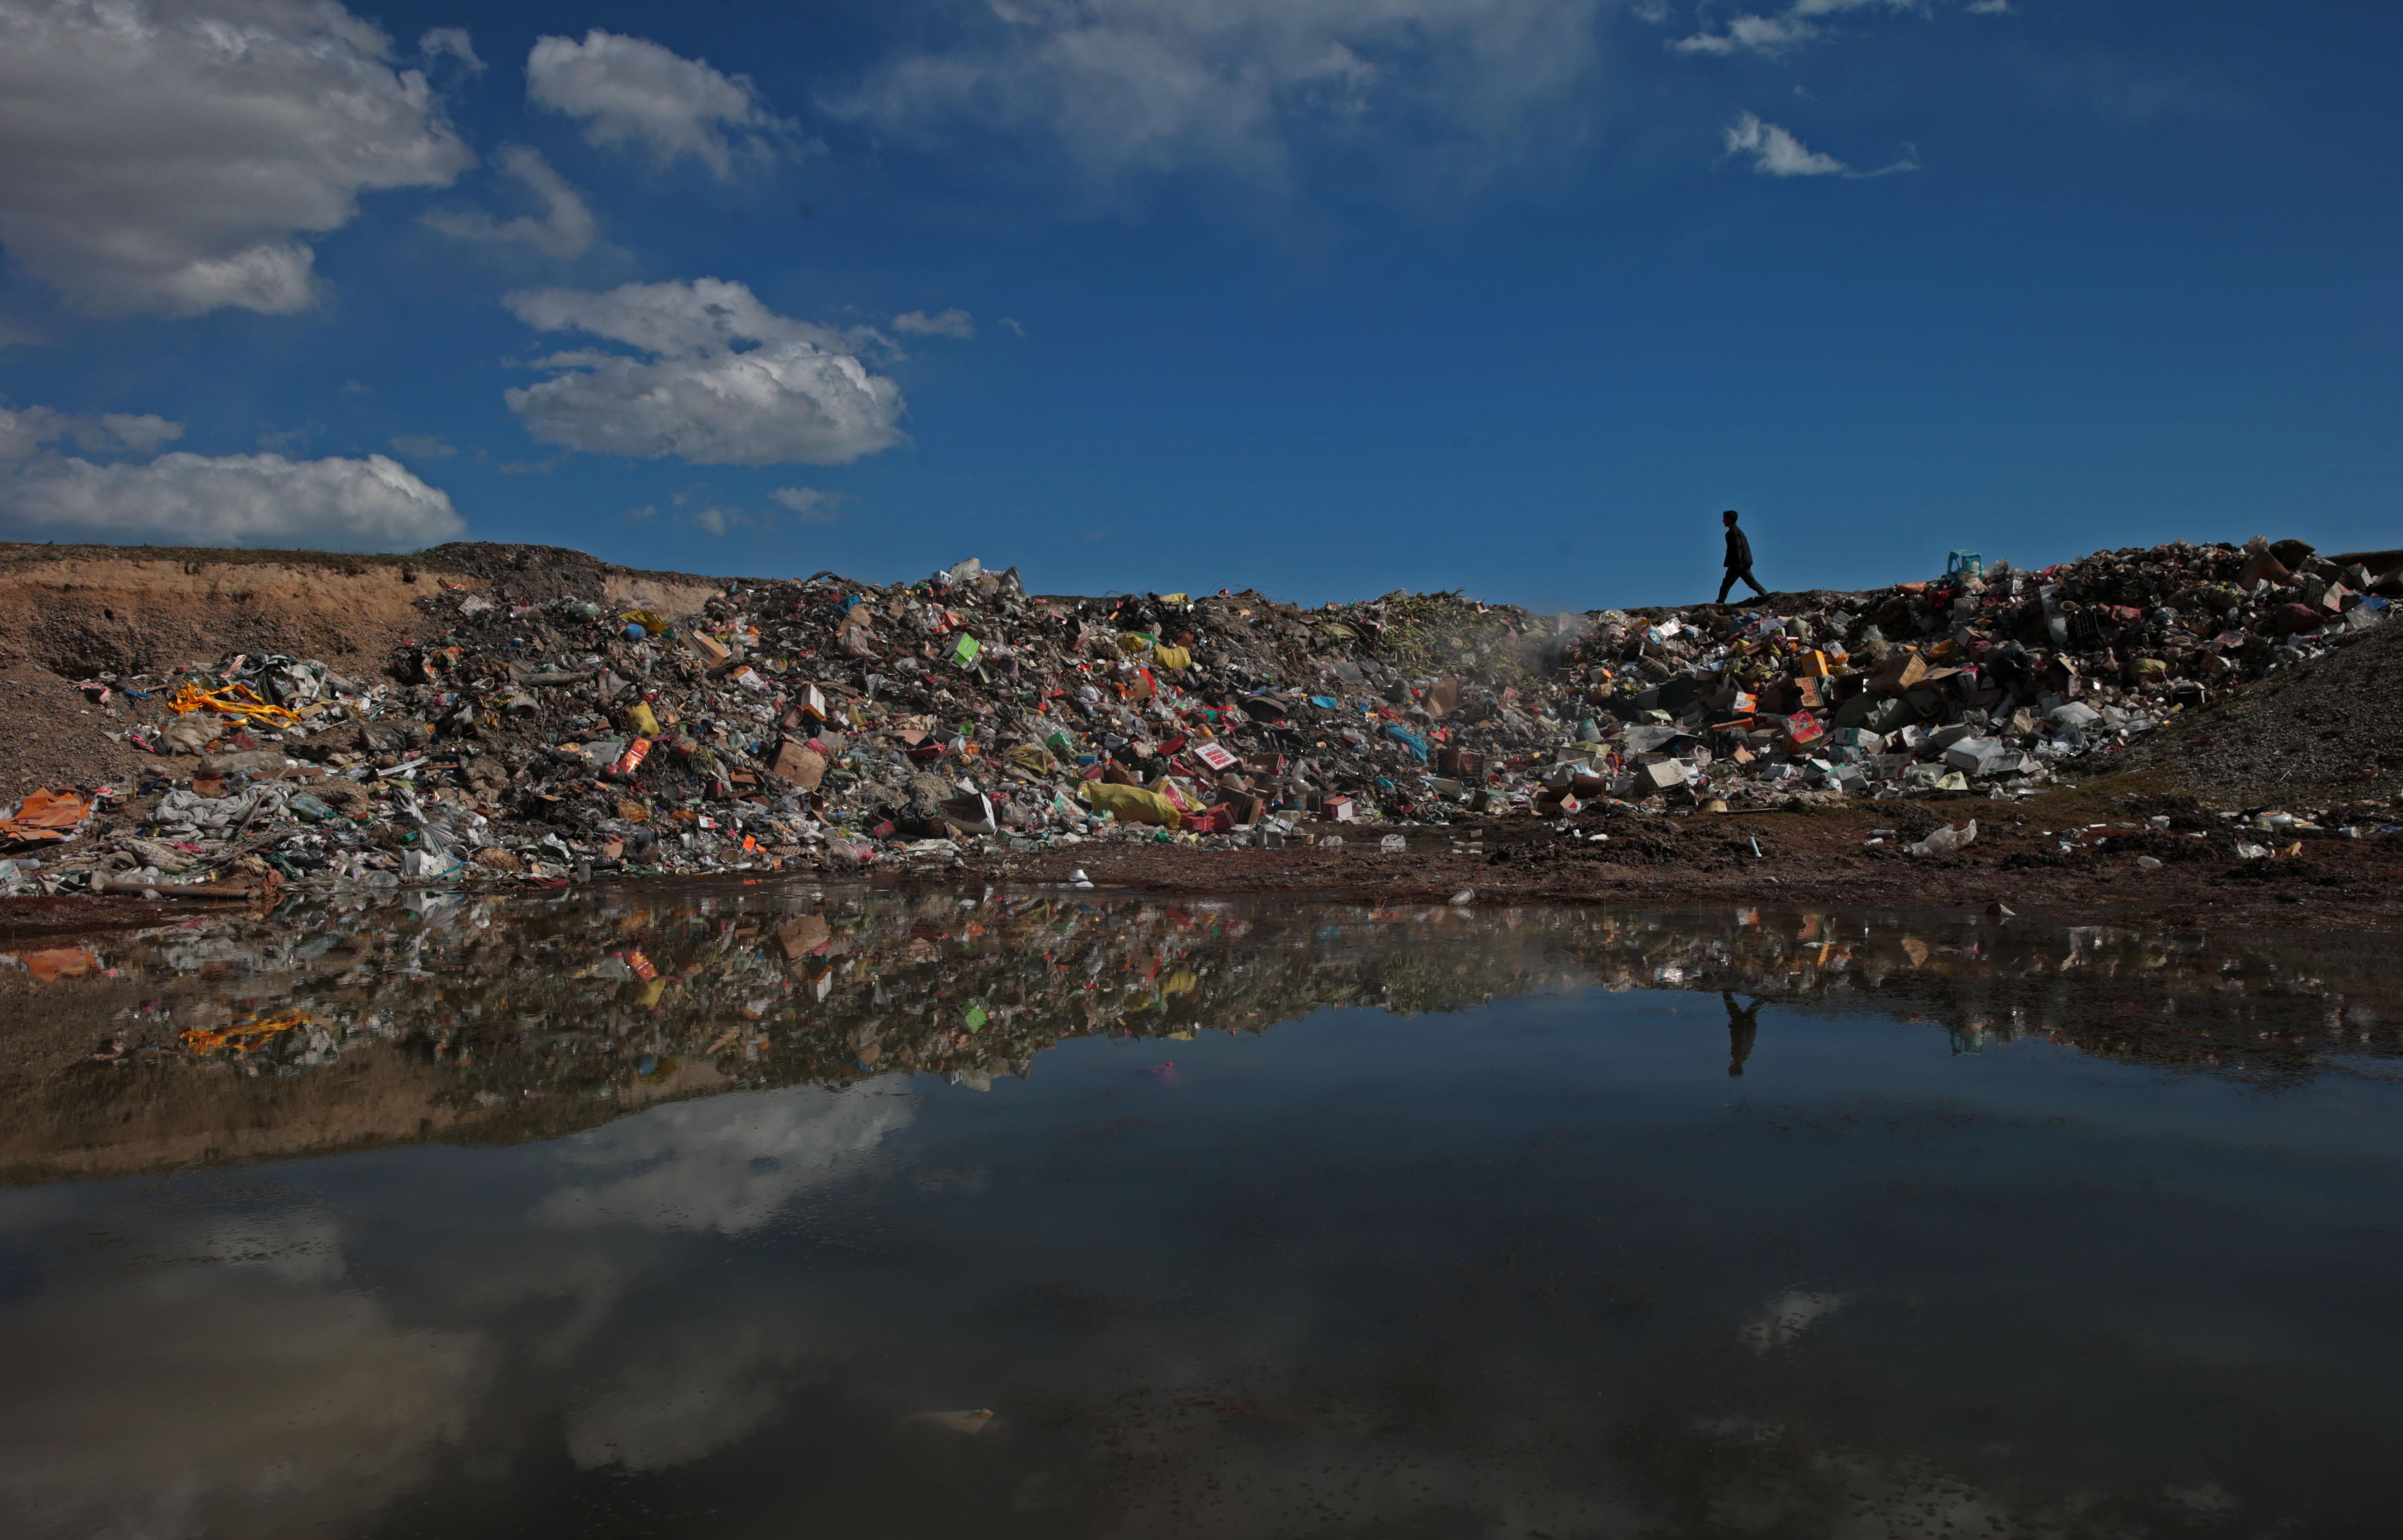 青海湖环湖360公里面临垃圾污染 环卫工劝阻扔垃圾经常挨骂